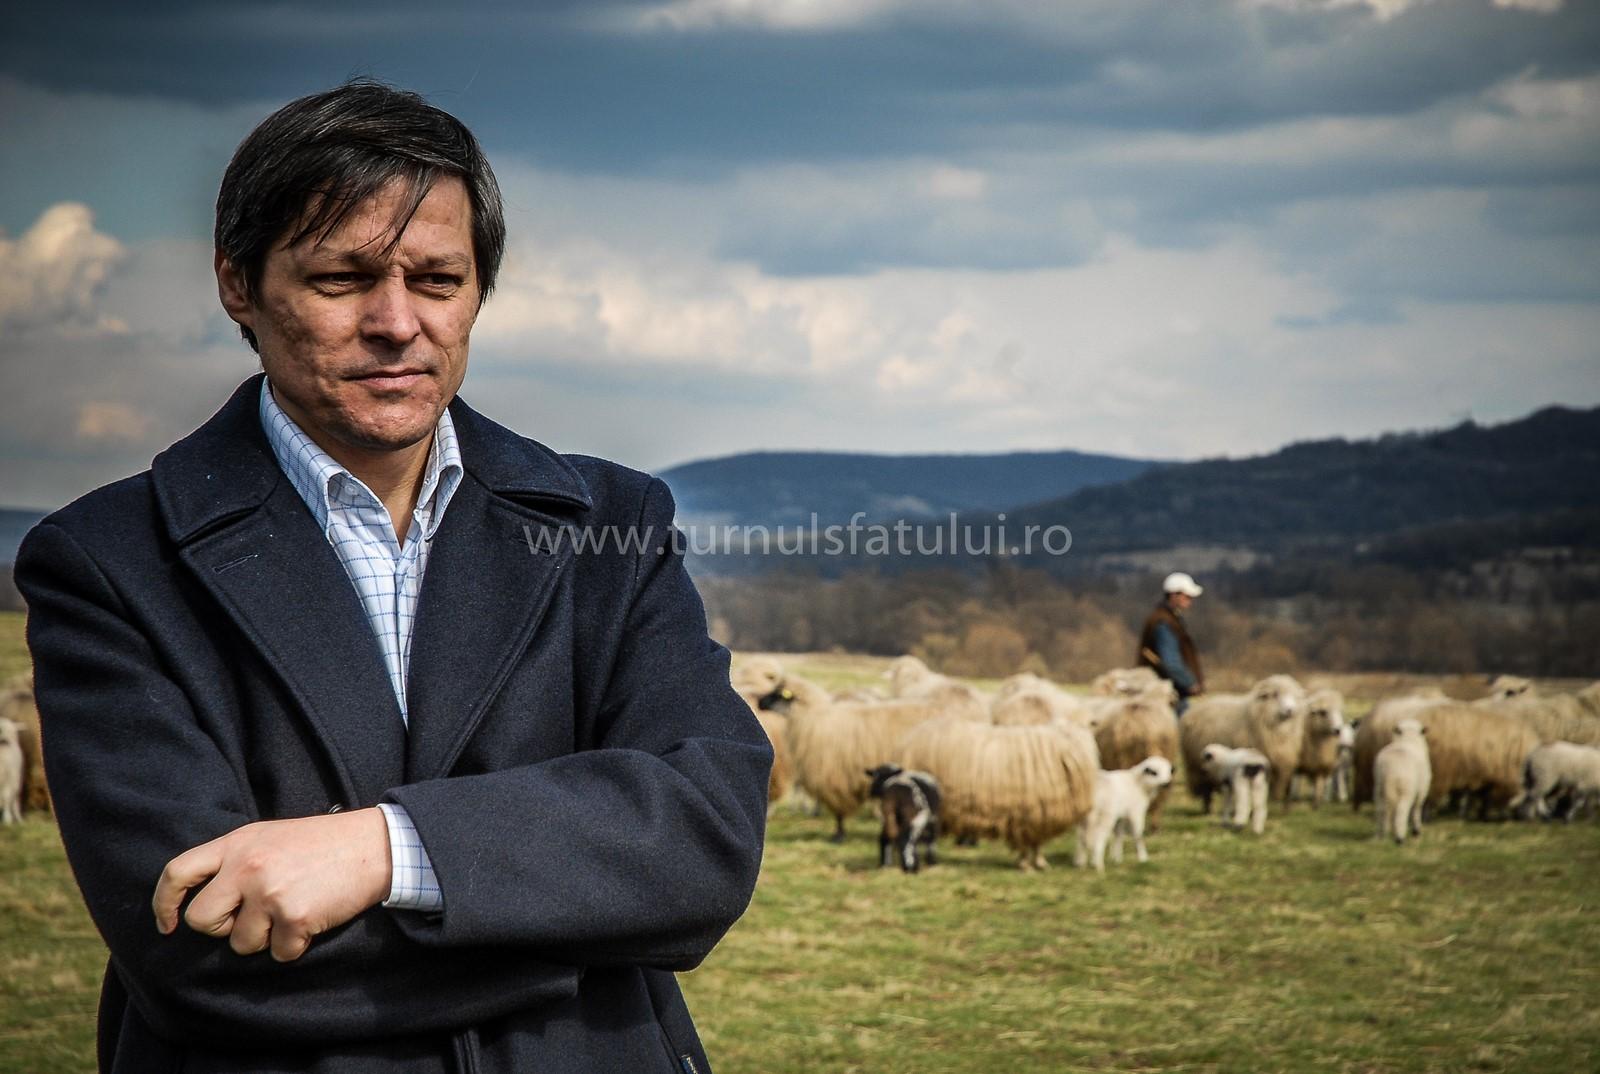 Lista noilor miniștri propuși de Dacian Cioloș